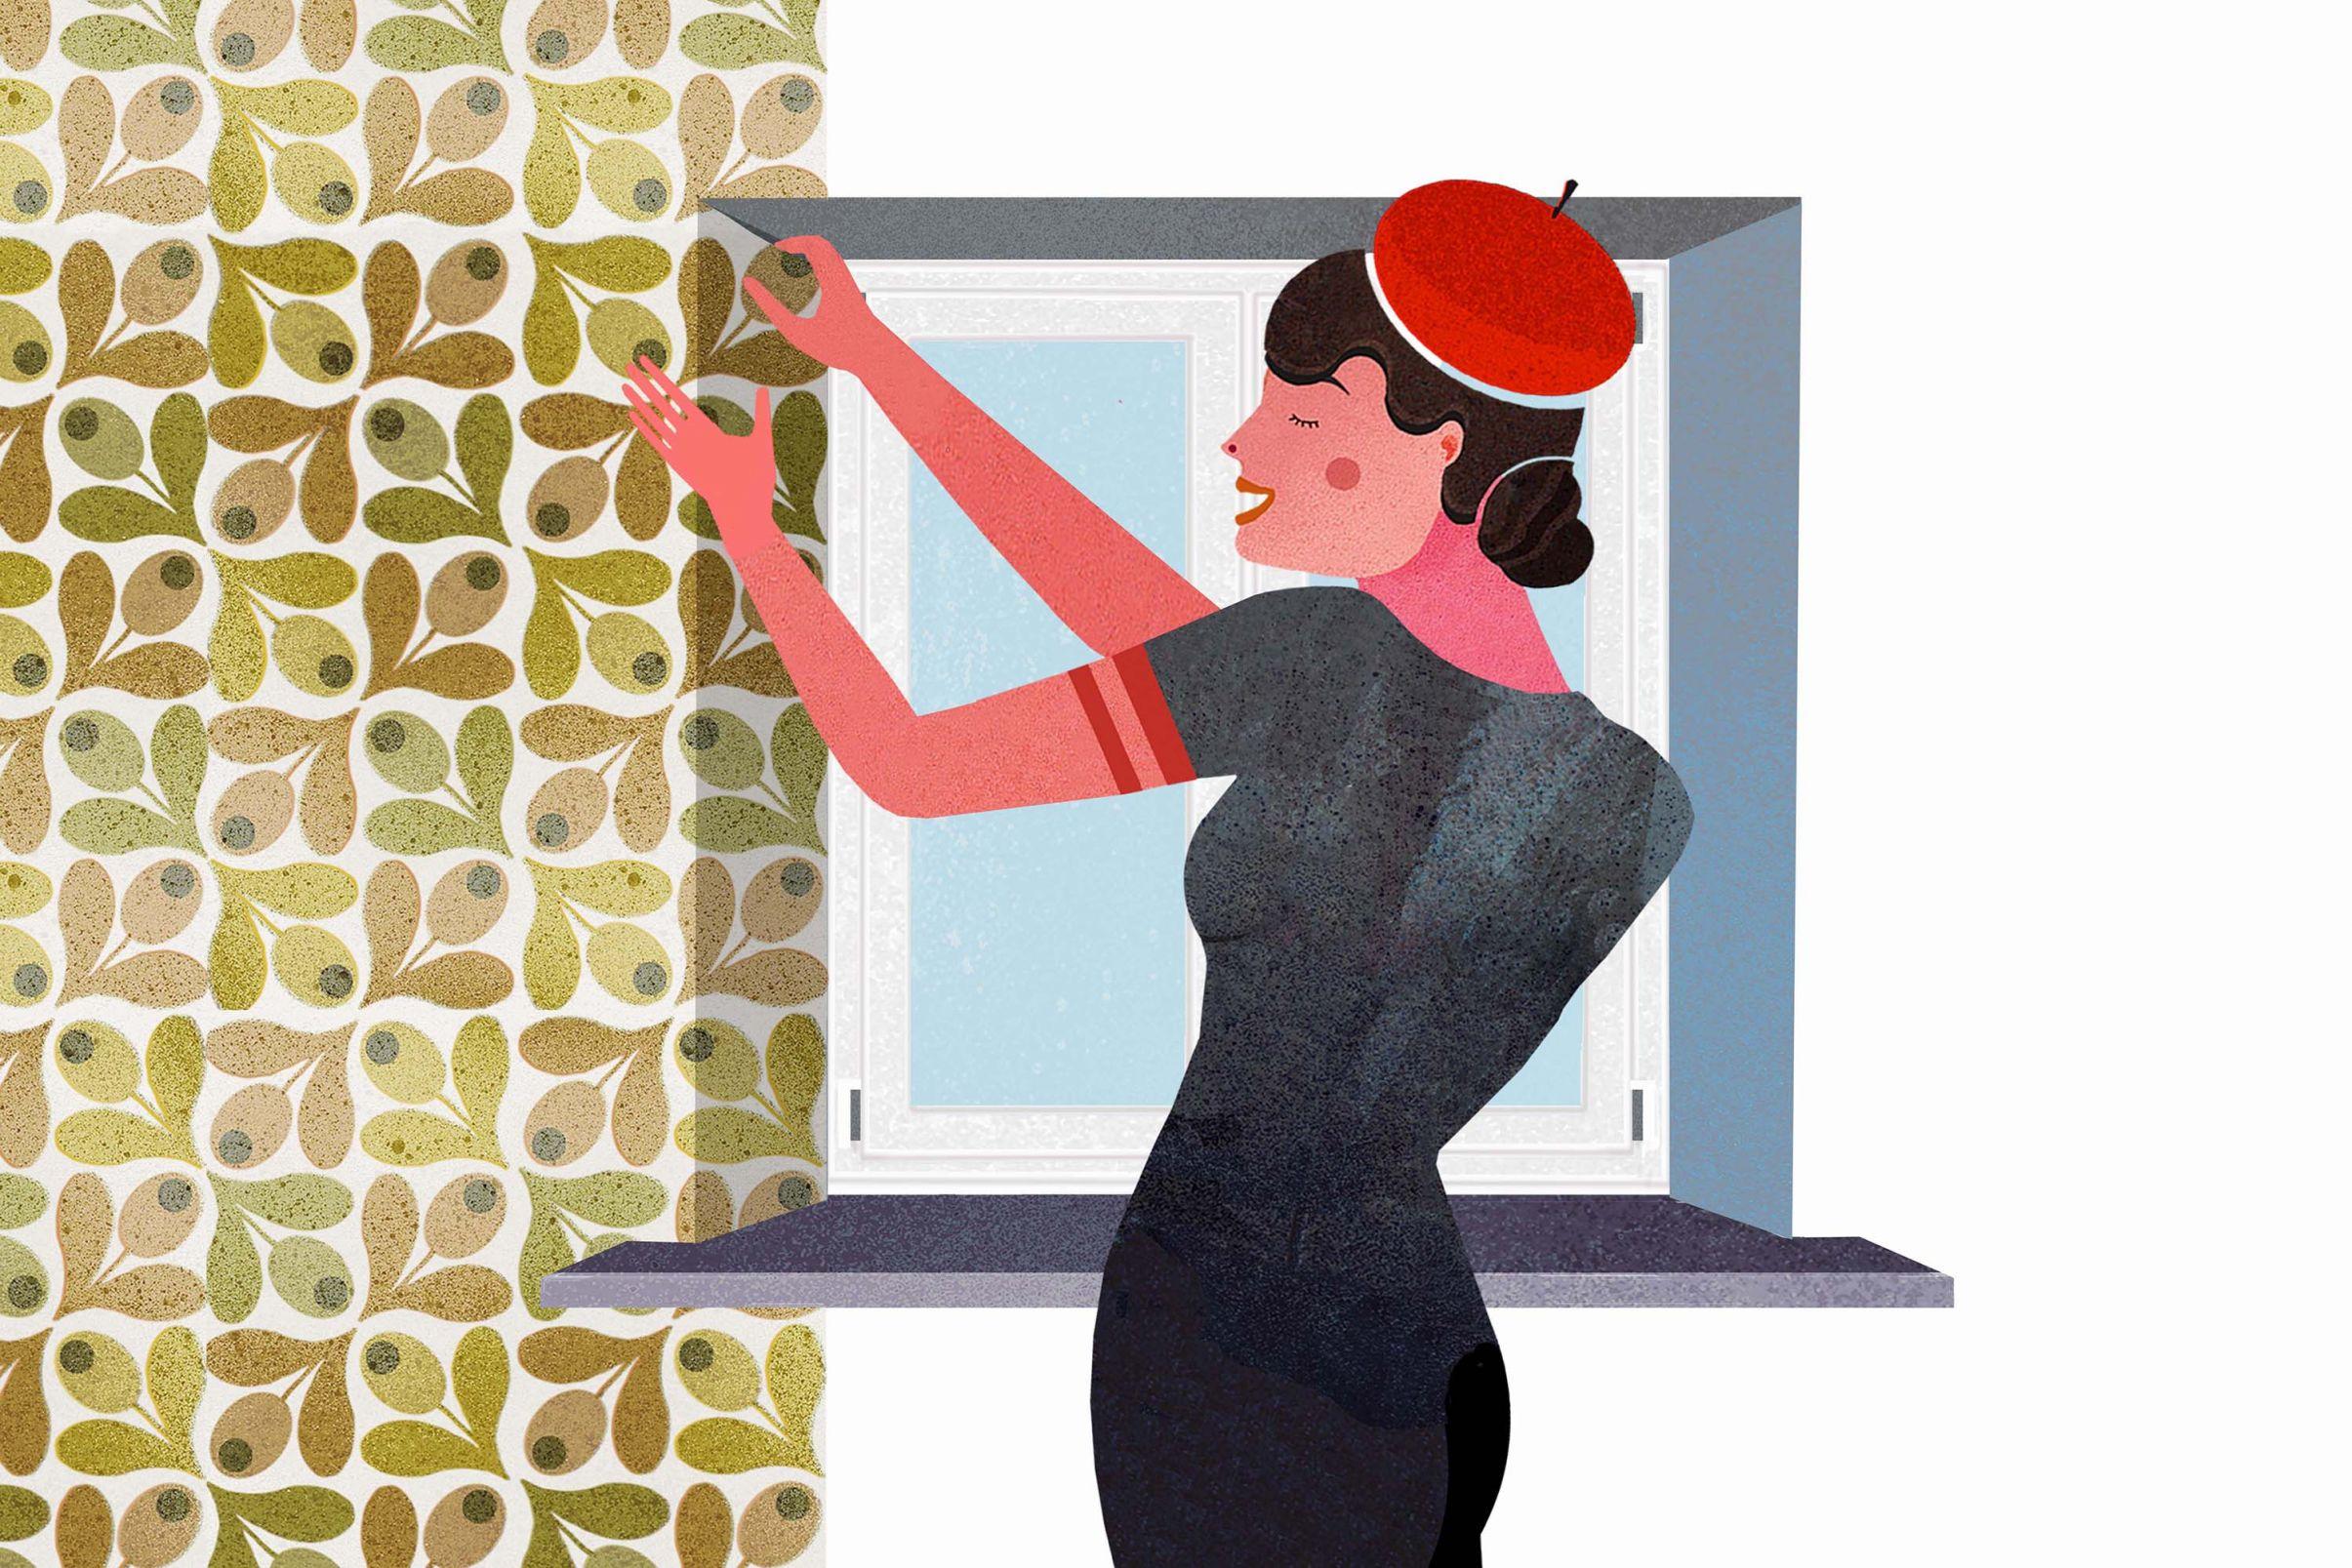 Come-posare-la-carta-da-parati-attorno-a-porte-e-finestre-Posare-la-carta-da-parati-con-un-eccedenza-attorno-alle-finestre